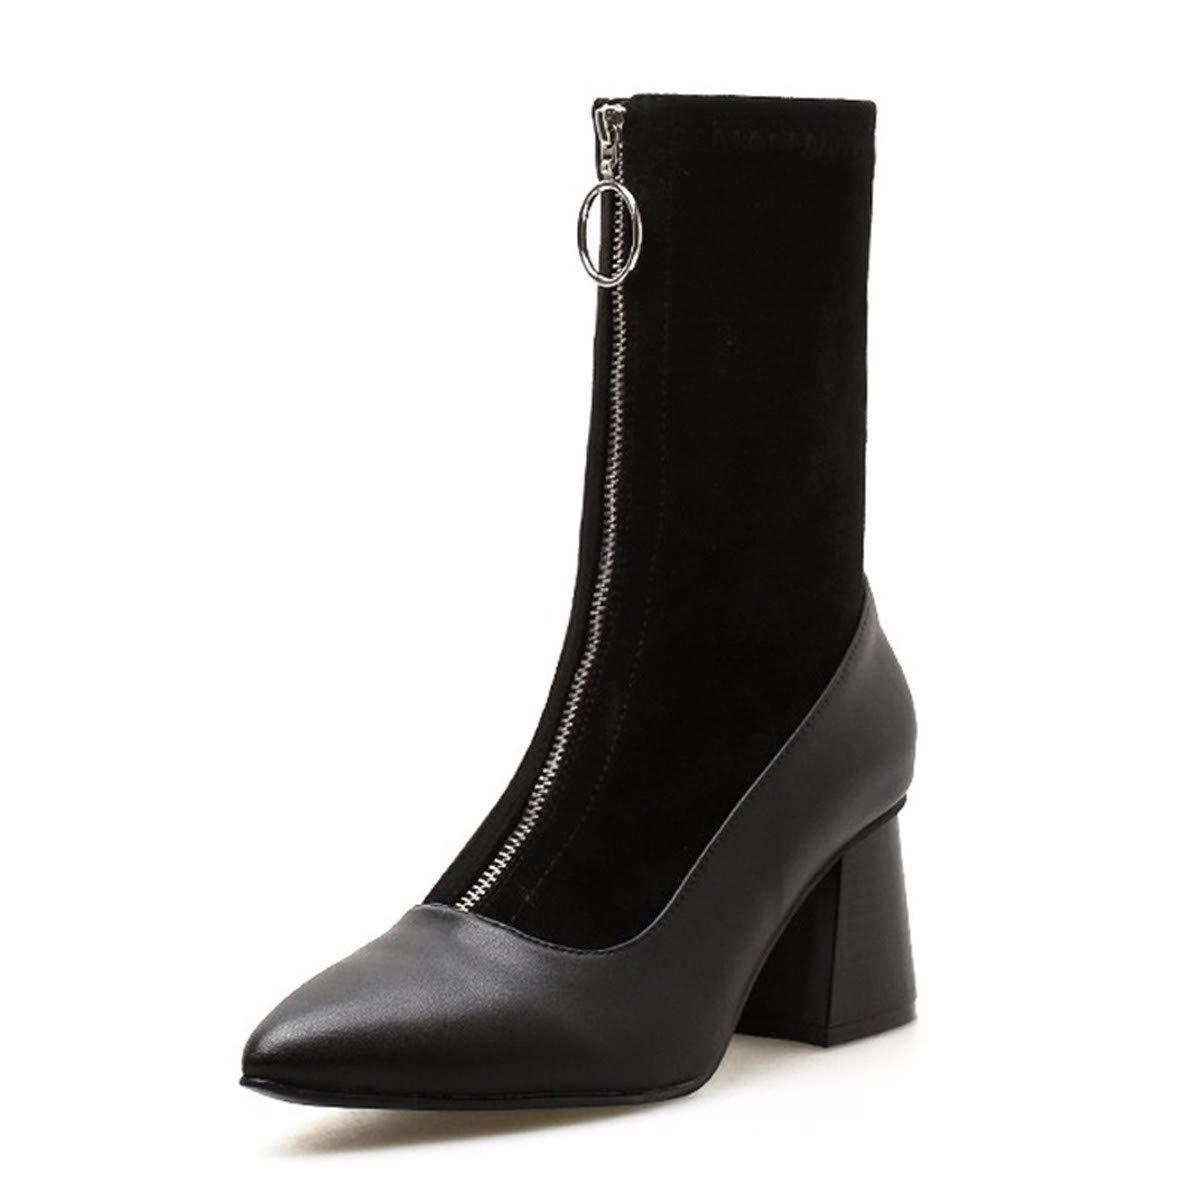 LBTSQ-Mode Damenschuhe Bei Mittleren U - Stiefel Mit Hohen 6 cm Spitze Modisch Retro Kurze Stiefel Wild Stiefel Martin Stiefel Flut.